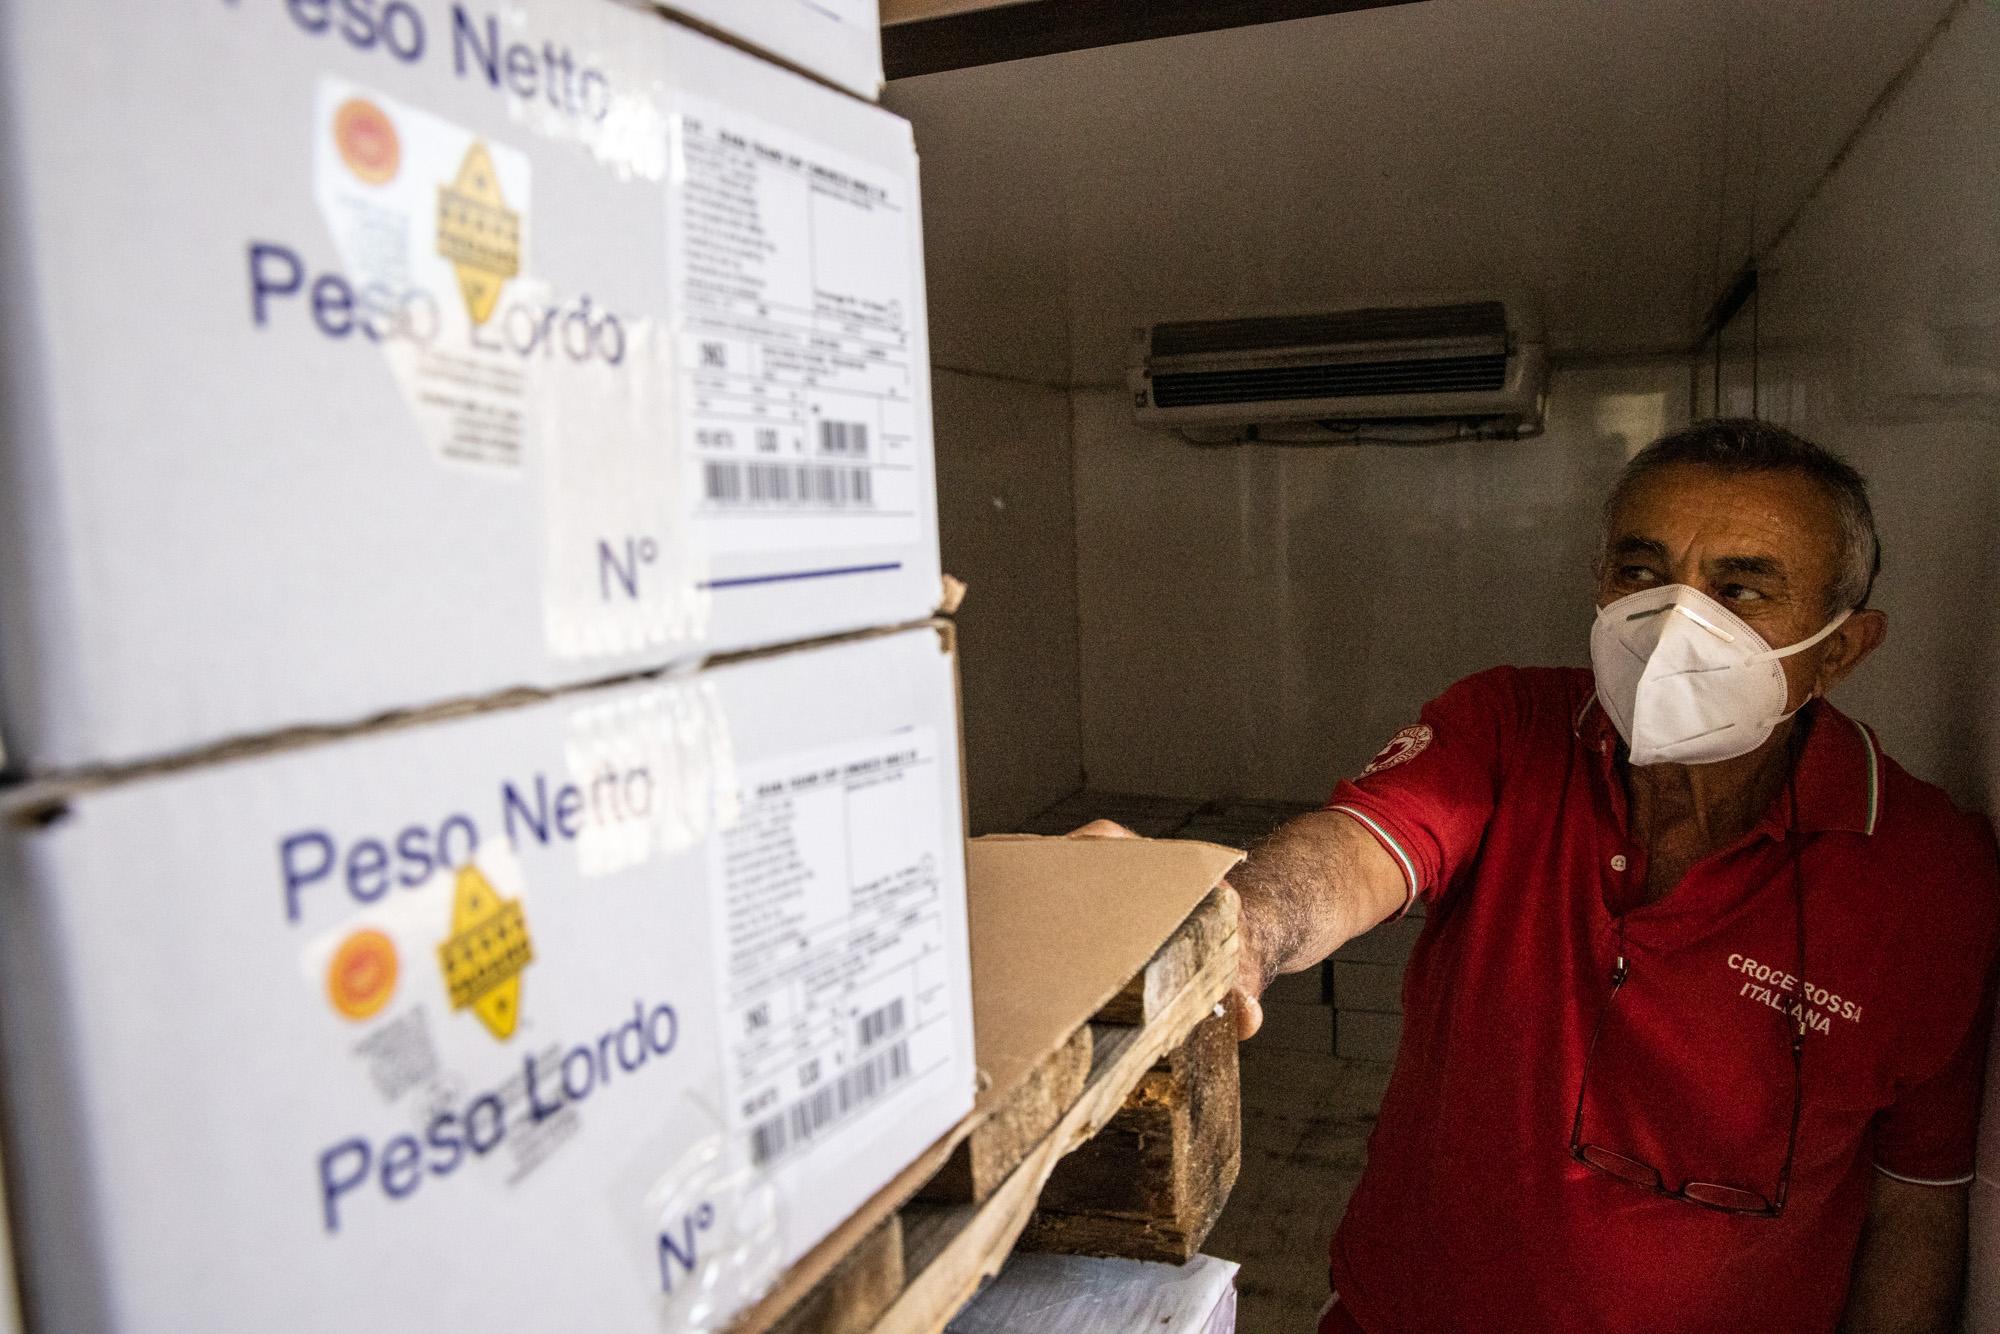 Croce-Rossa-Donazione-Grana-Padano-7